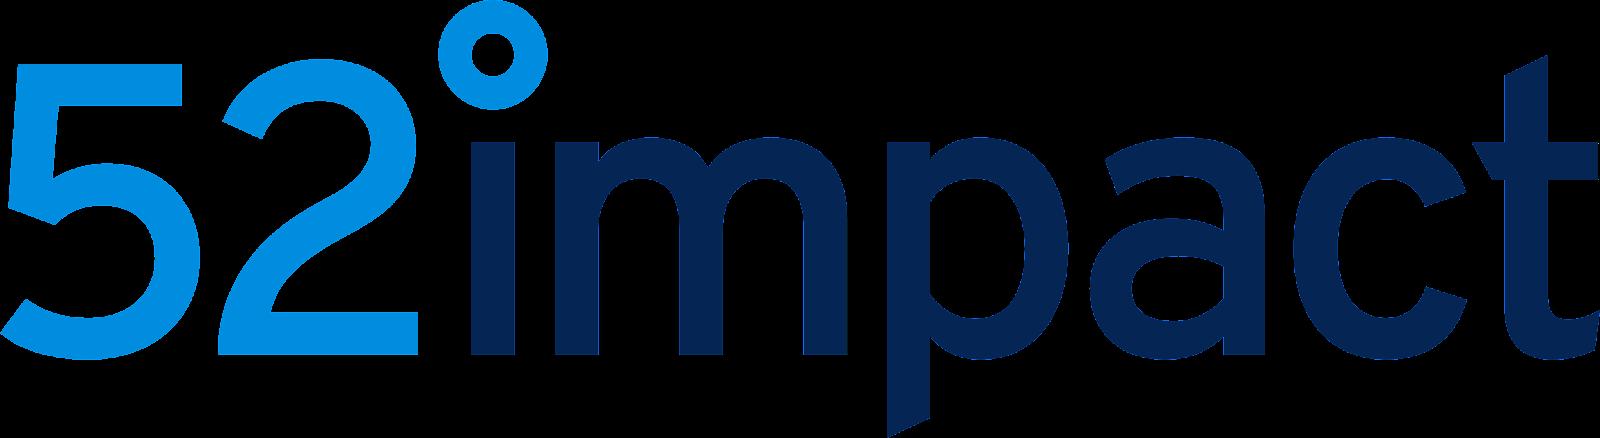 52impact logo